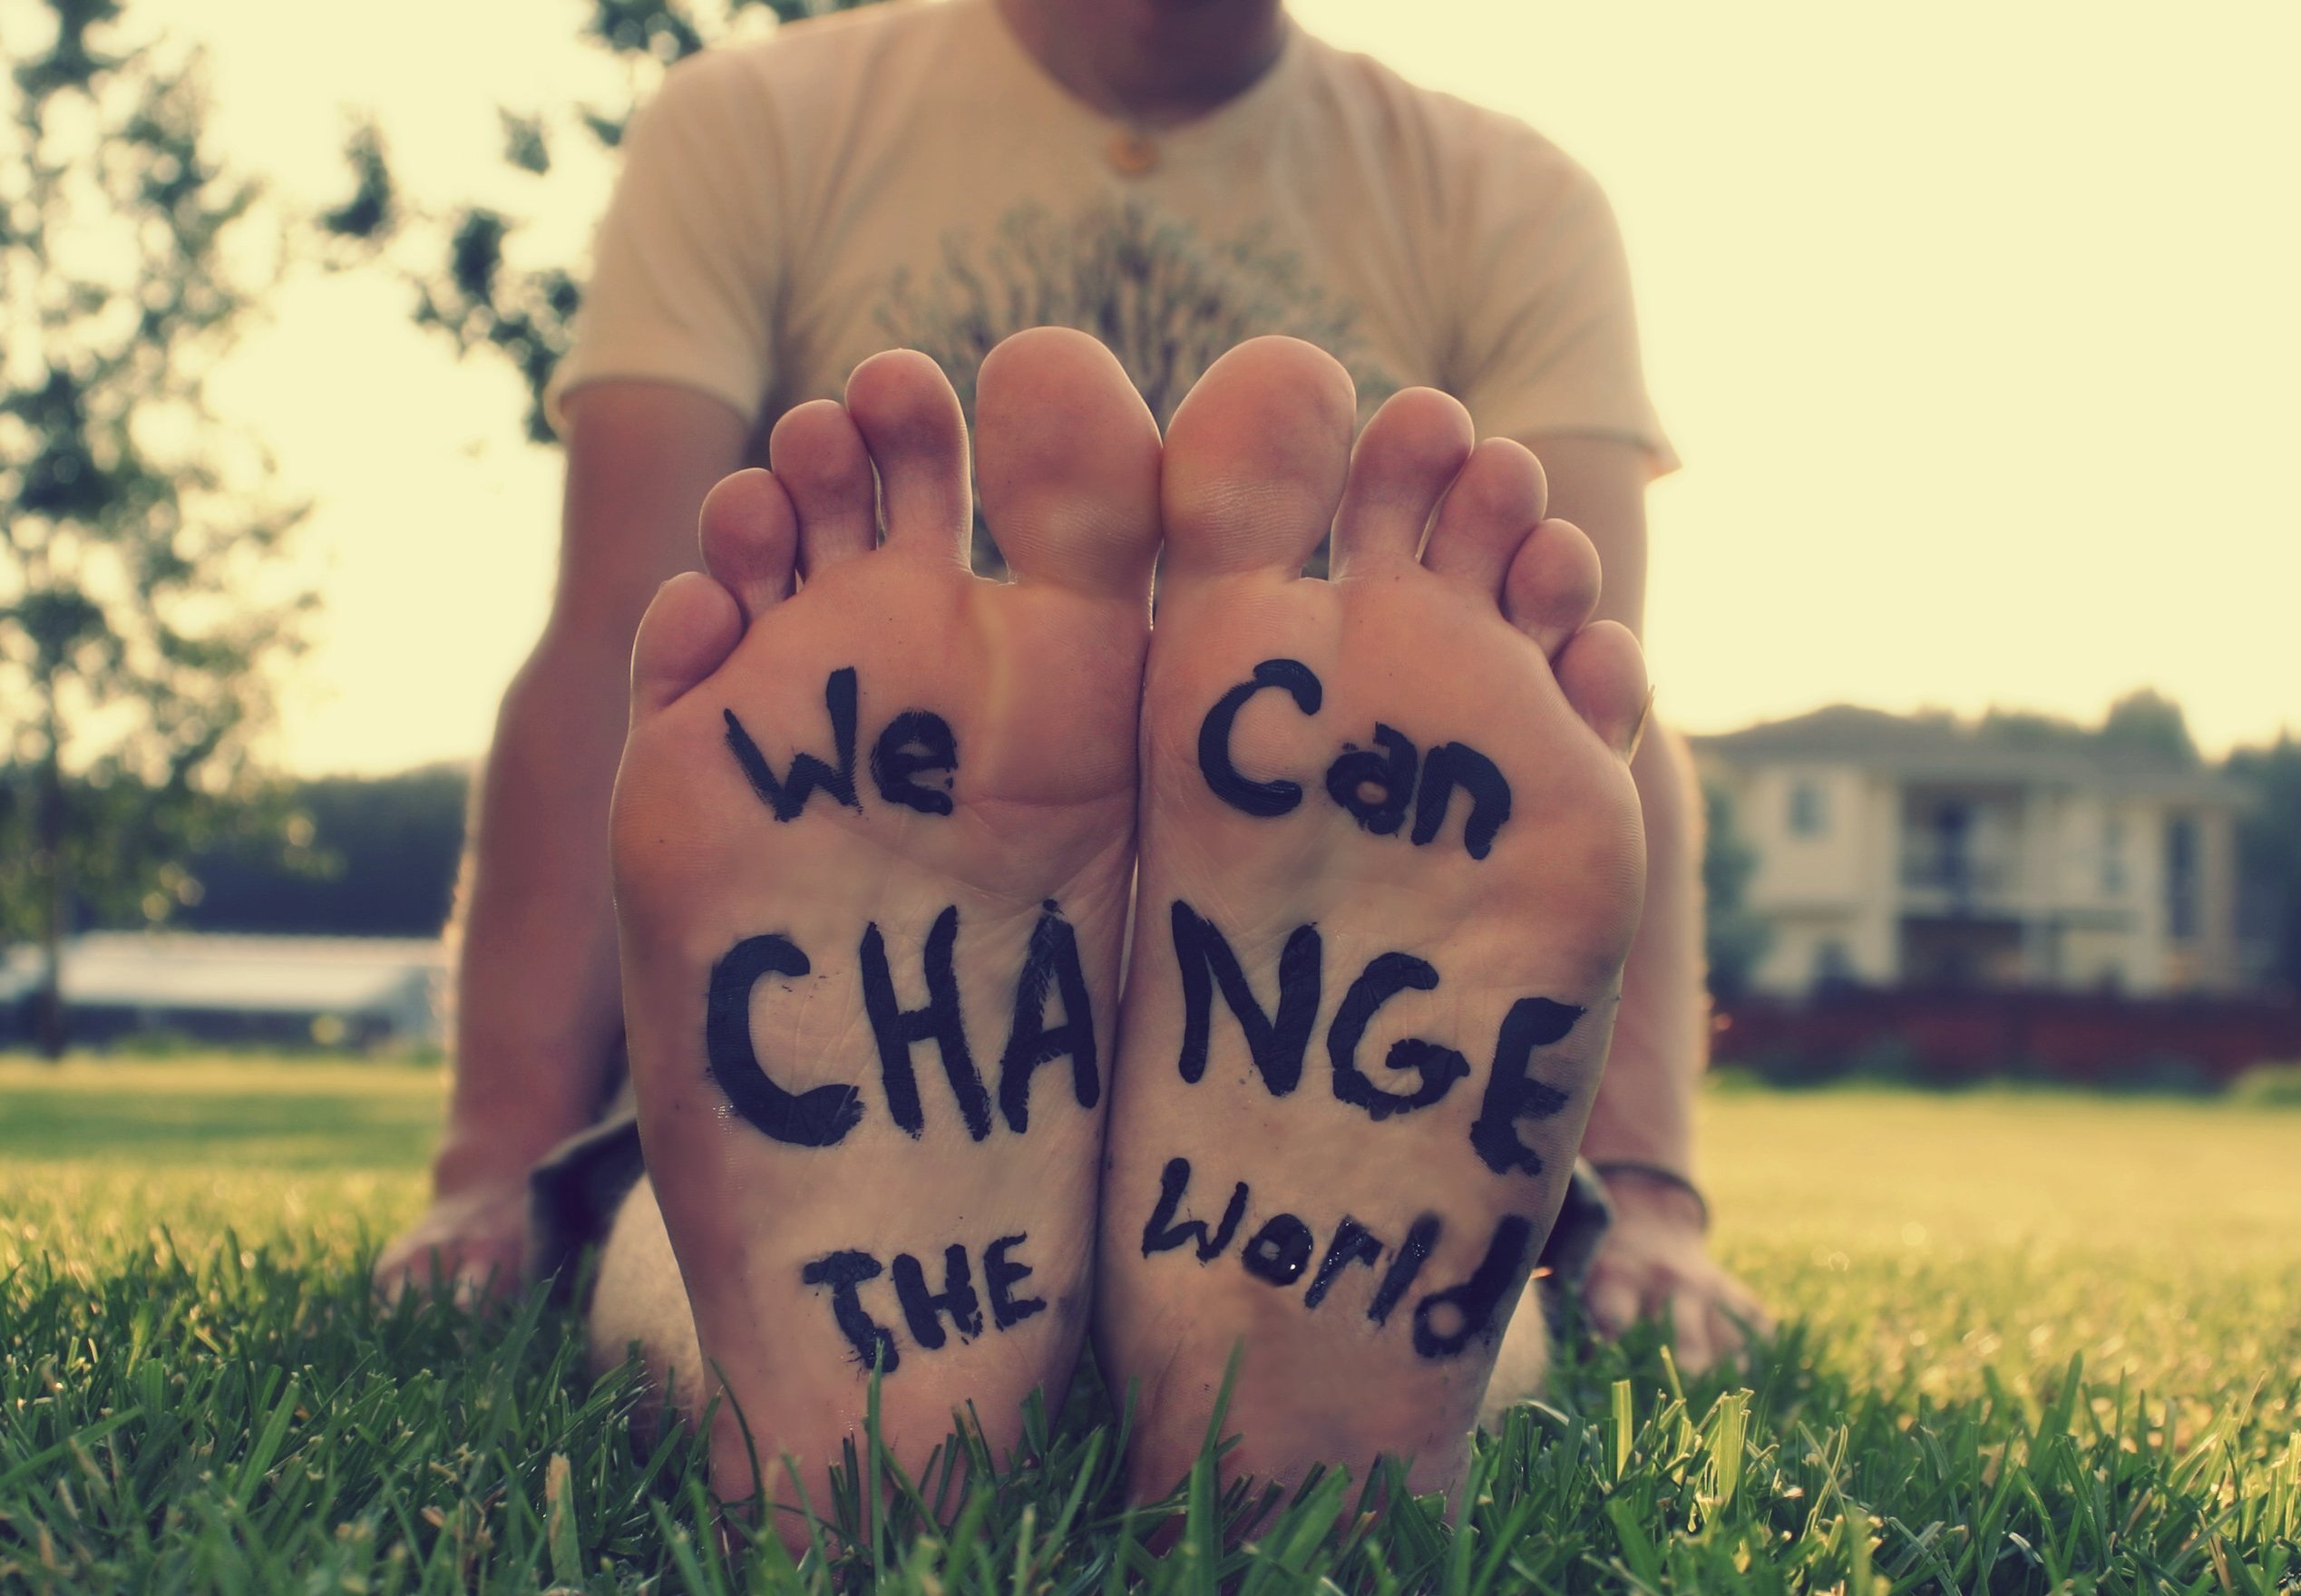 آیا متناسب با دنیای امروز، تغییر می کنید؟